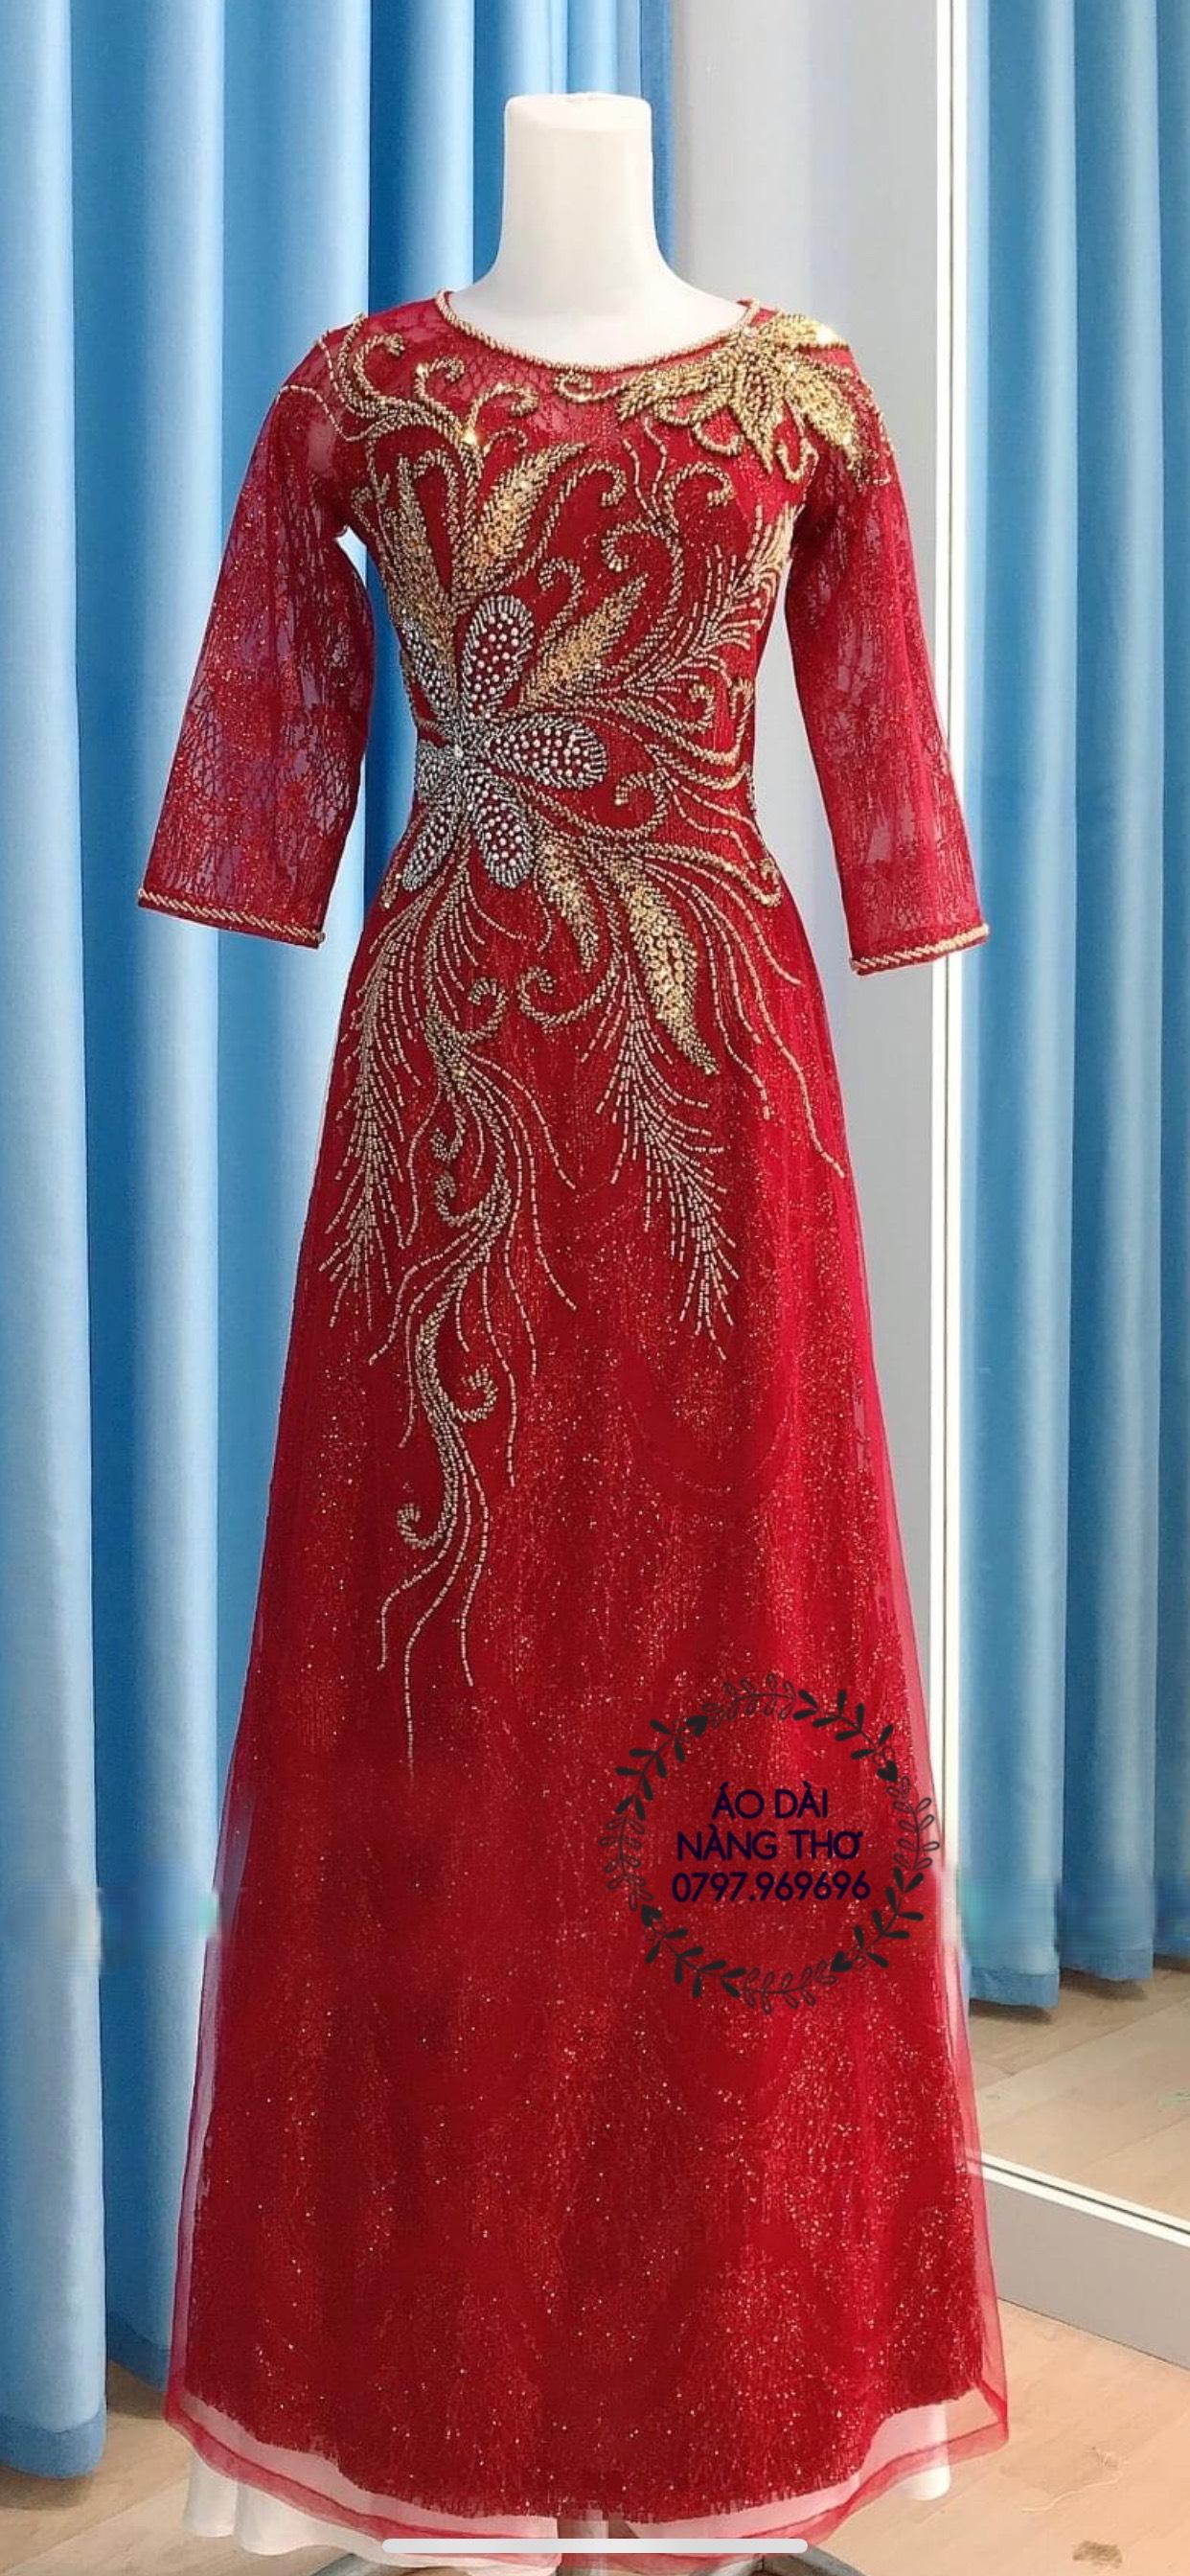 Áo Dài Bà Sui Ren Lưới Đỏ Đô Kết Họa Tiết Cao Cấp